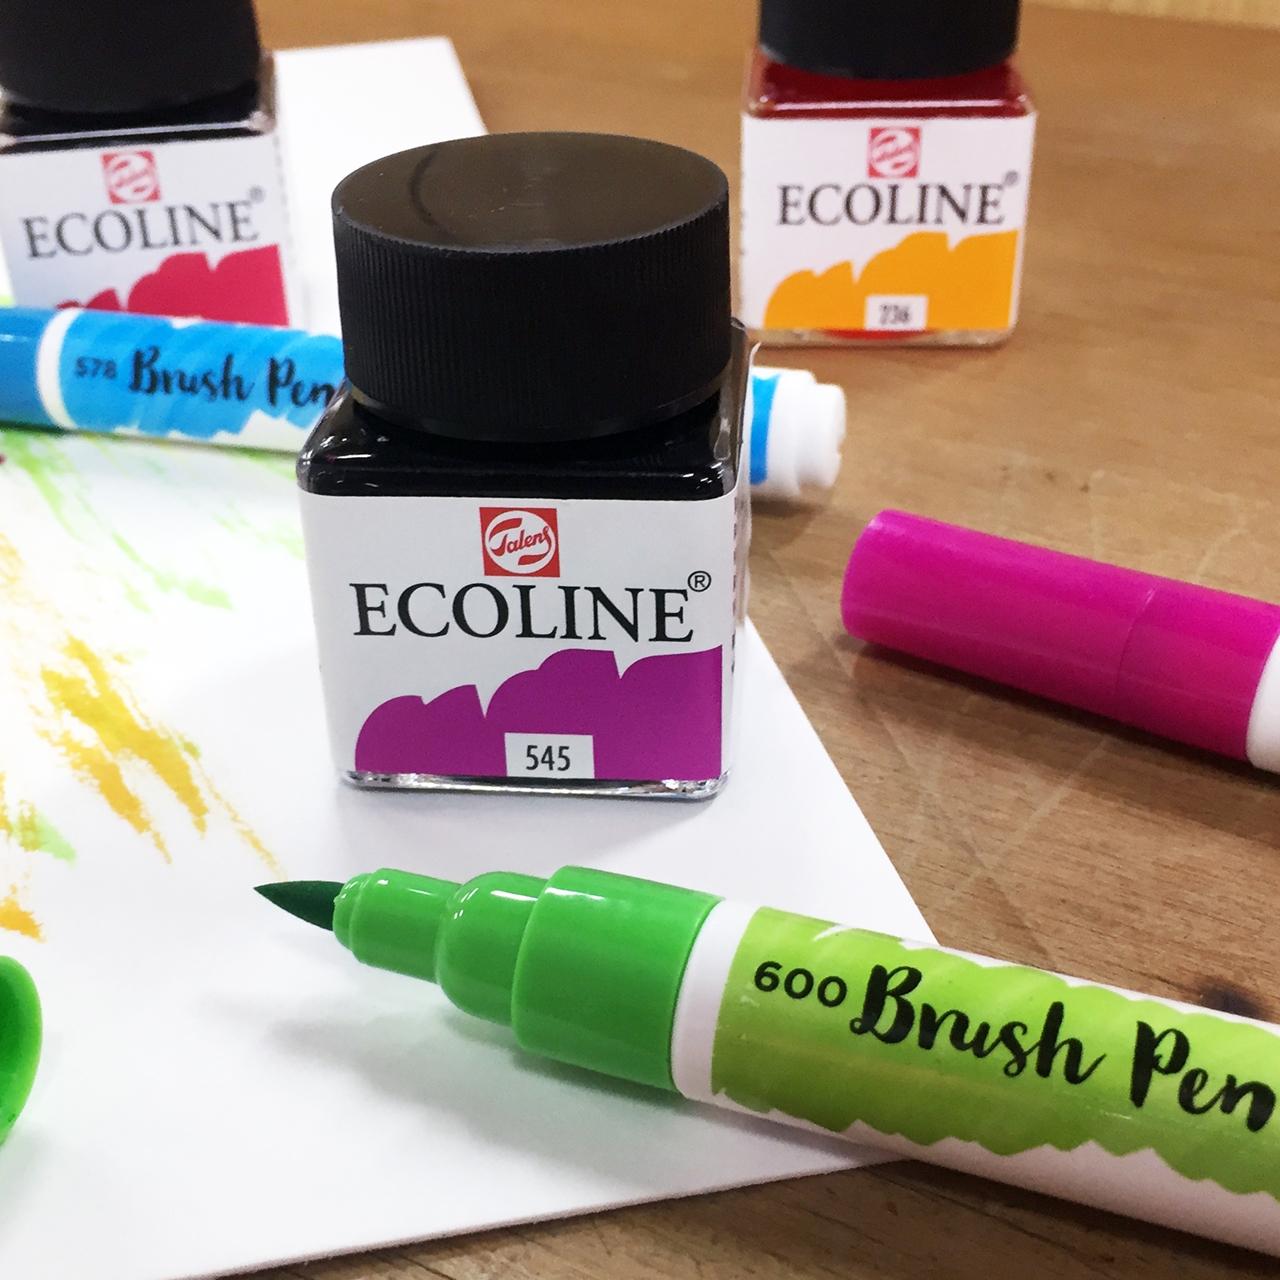 Talens Ecoline Colour Chart